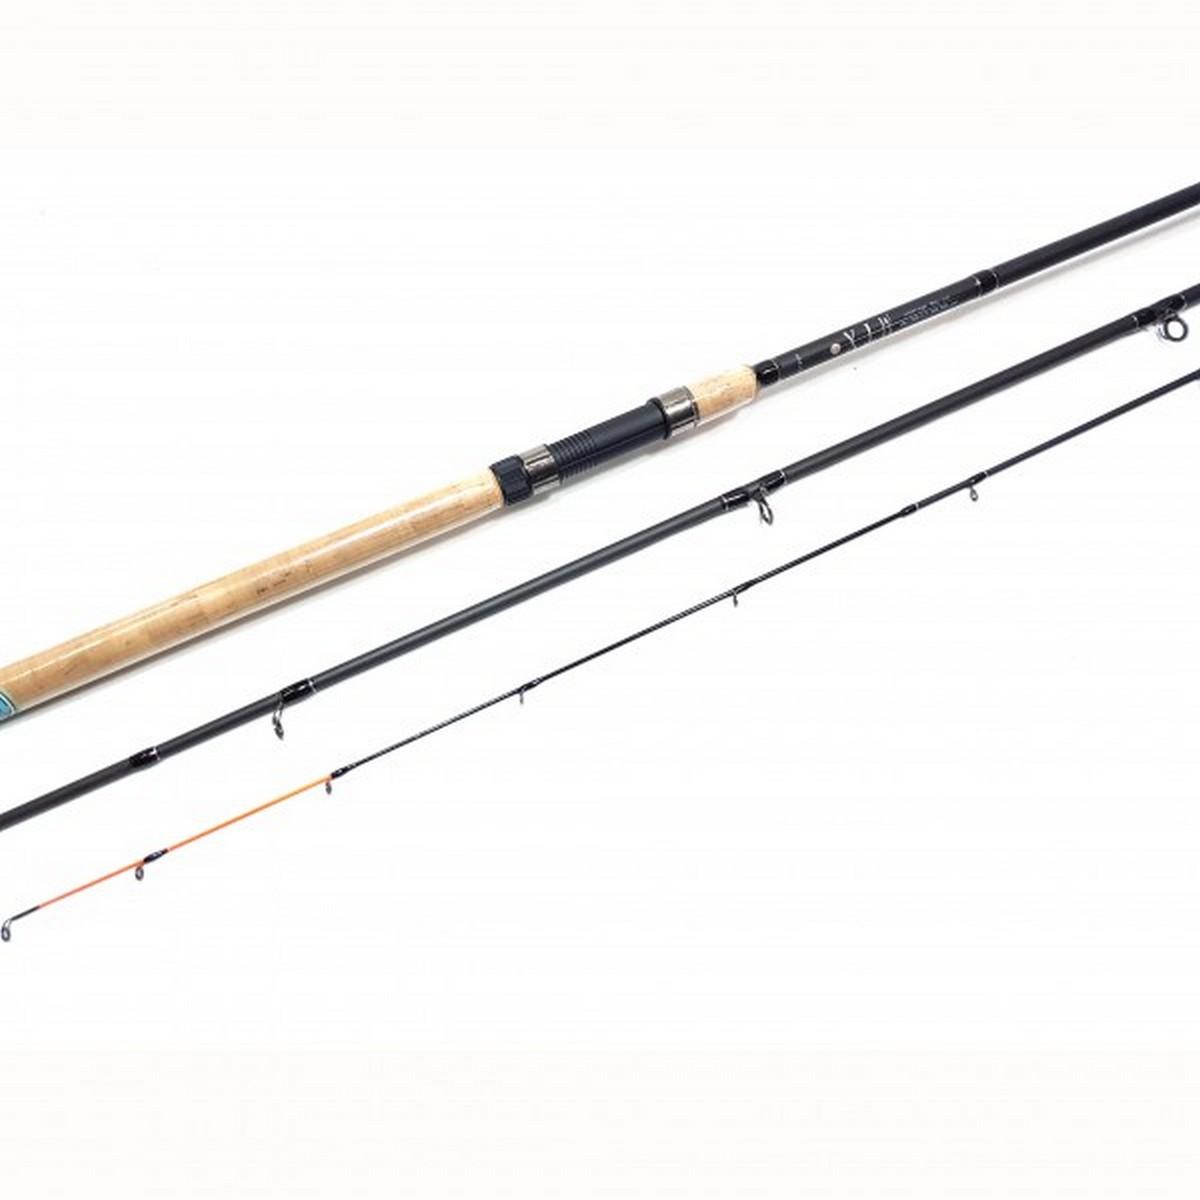 Фидер Hakuyo MTX 8 Feeder 40-150gr